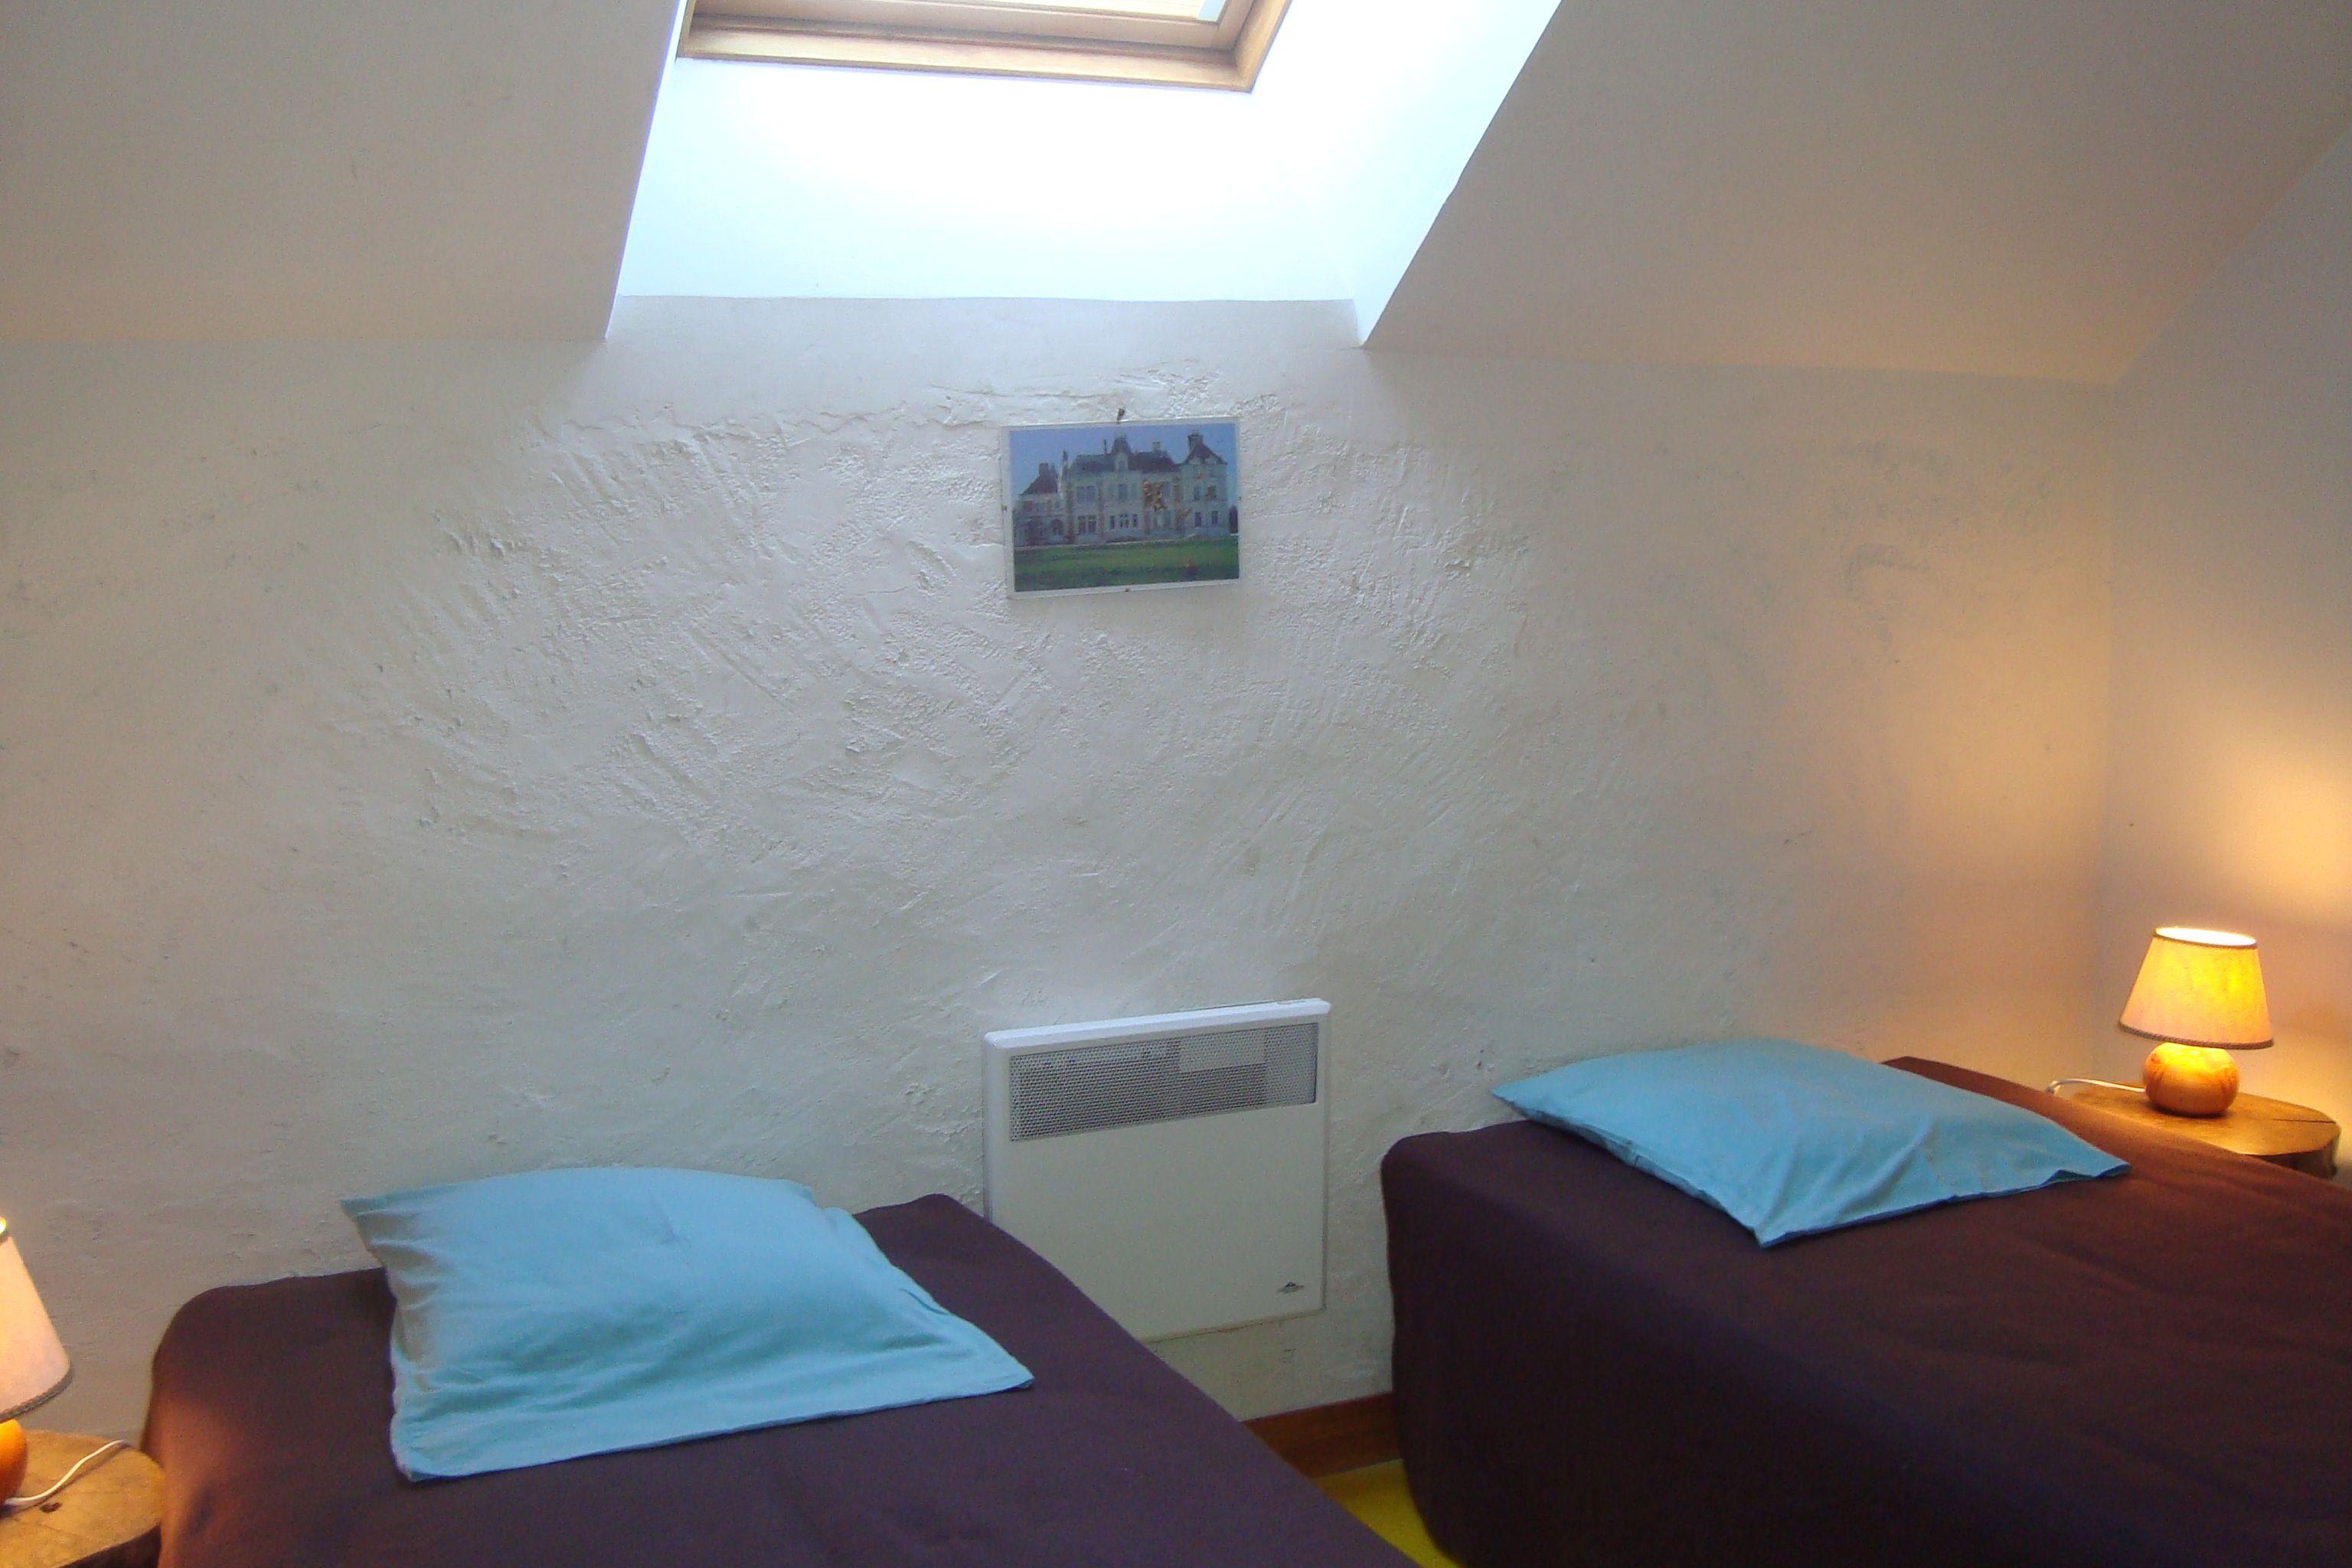 Chambre Baptiste, 2 lits jumeaux, 2 tables de nuit, une étagère à 6 rayonnages, porte manteaux sur la porte